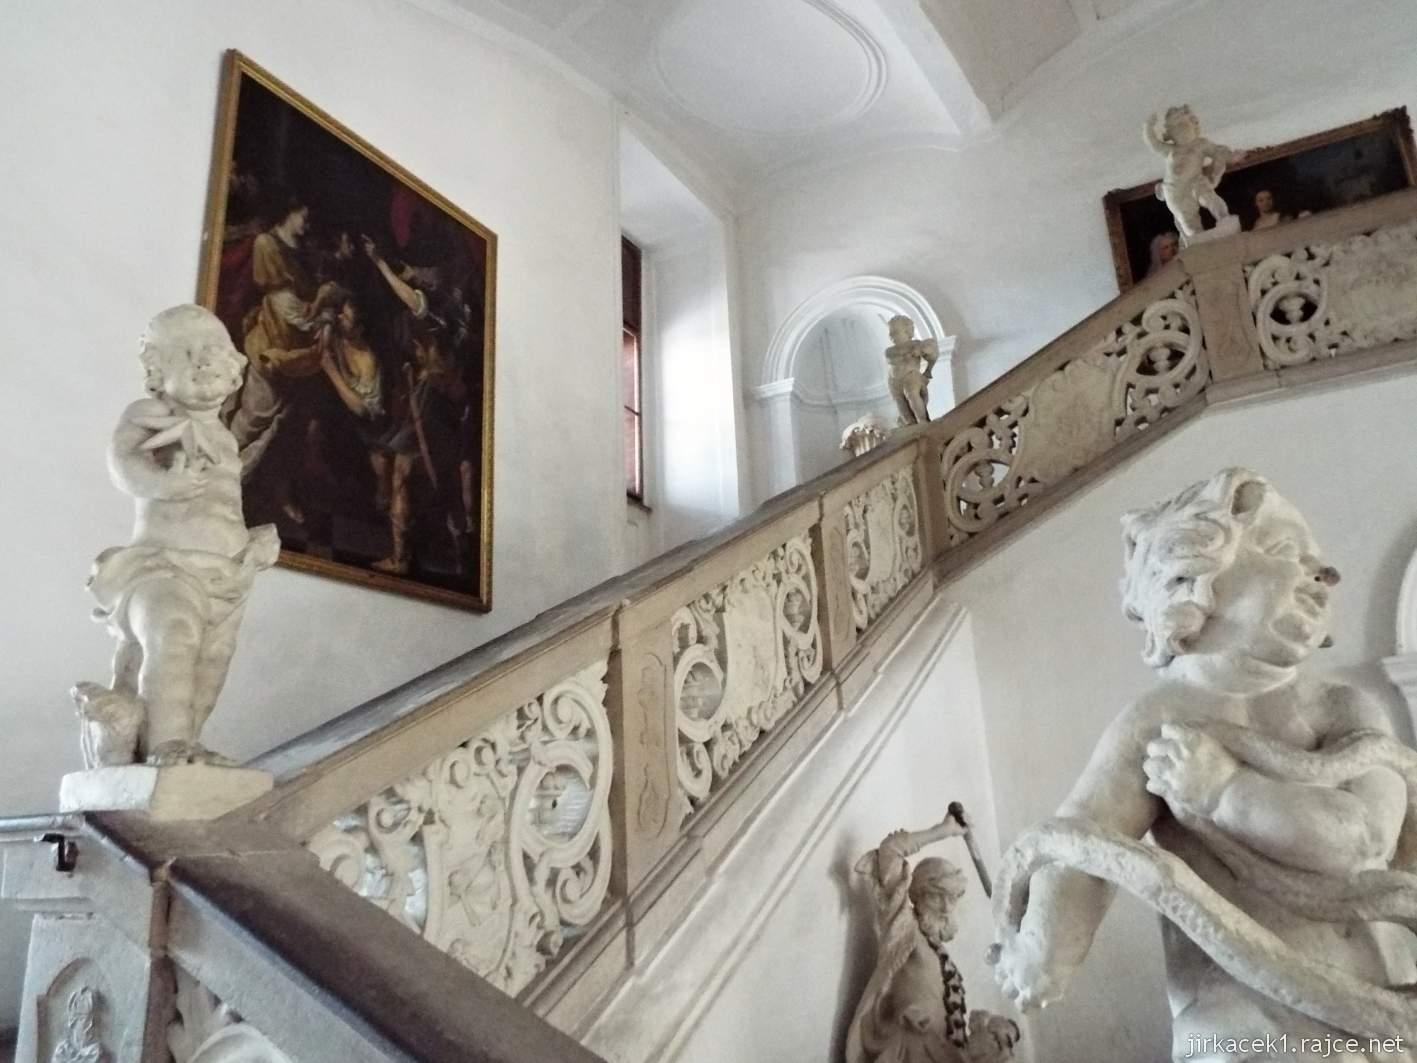 zámek Milotice 19 - interiéry - zámecké schodiště s bohatou sochařskou výzdobou od J. Ch. Pröbstla